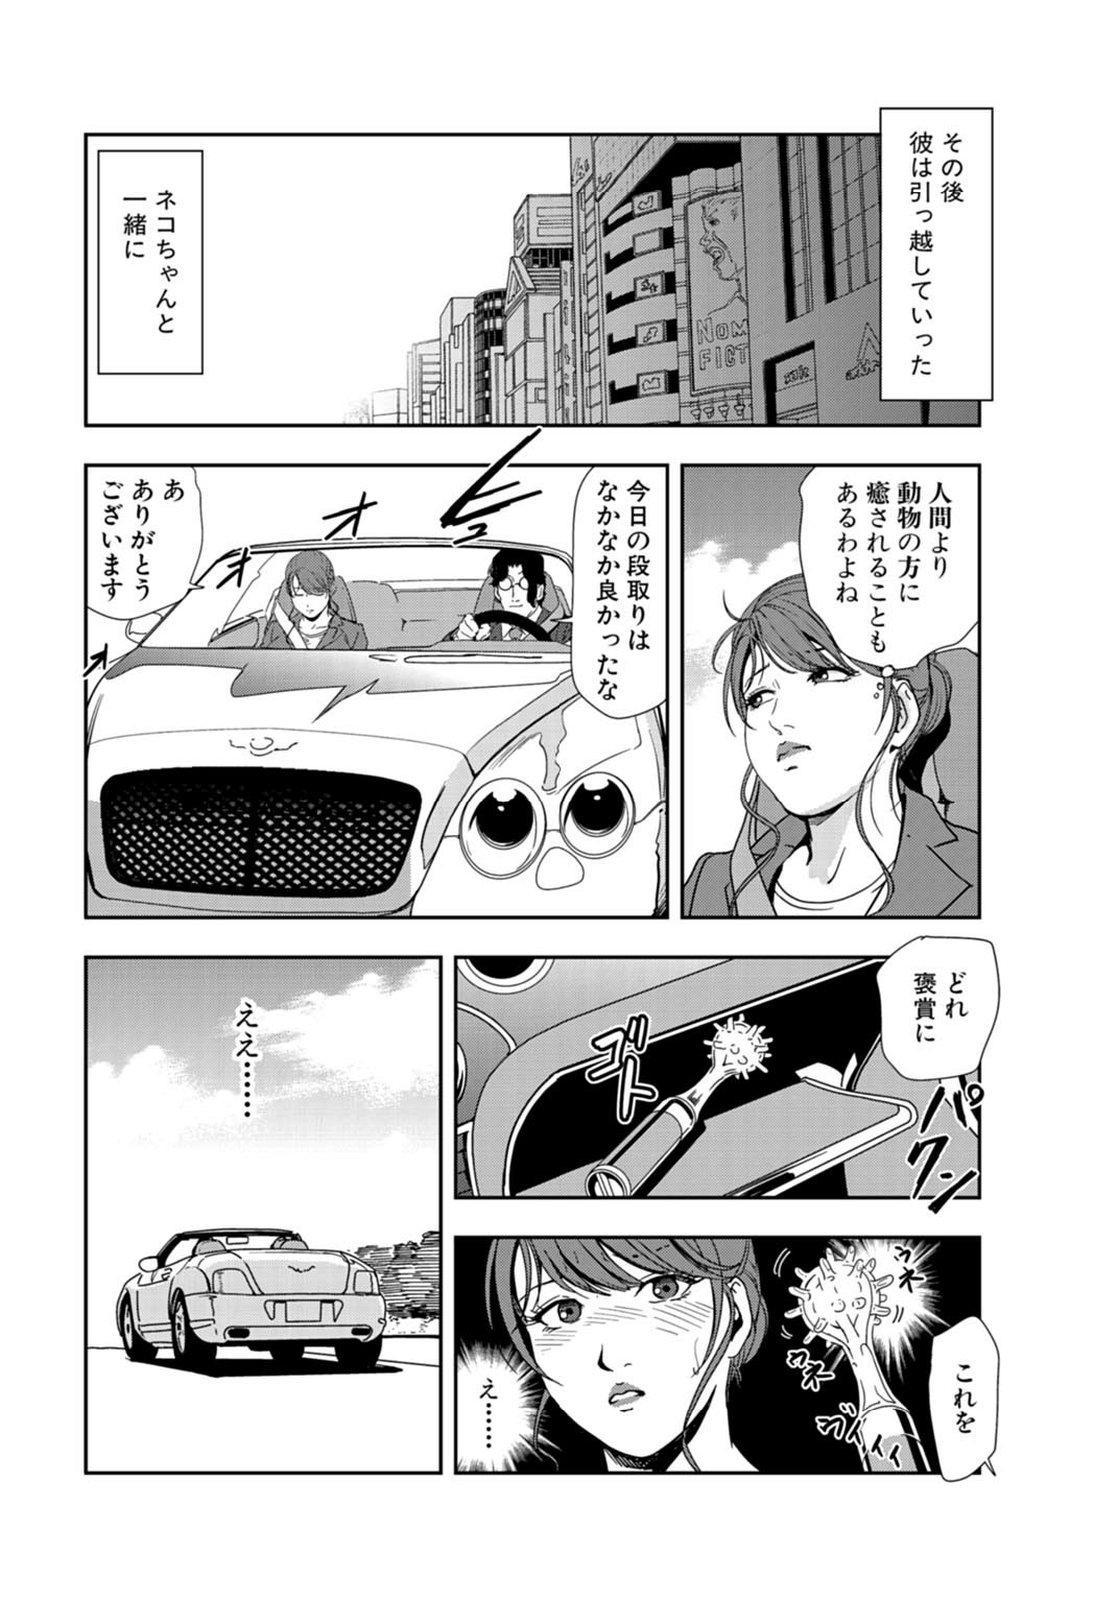 Nikuhisyo Yukiko 21 73